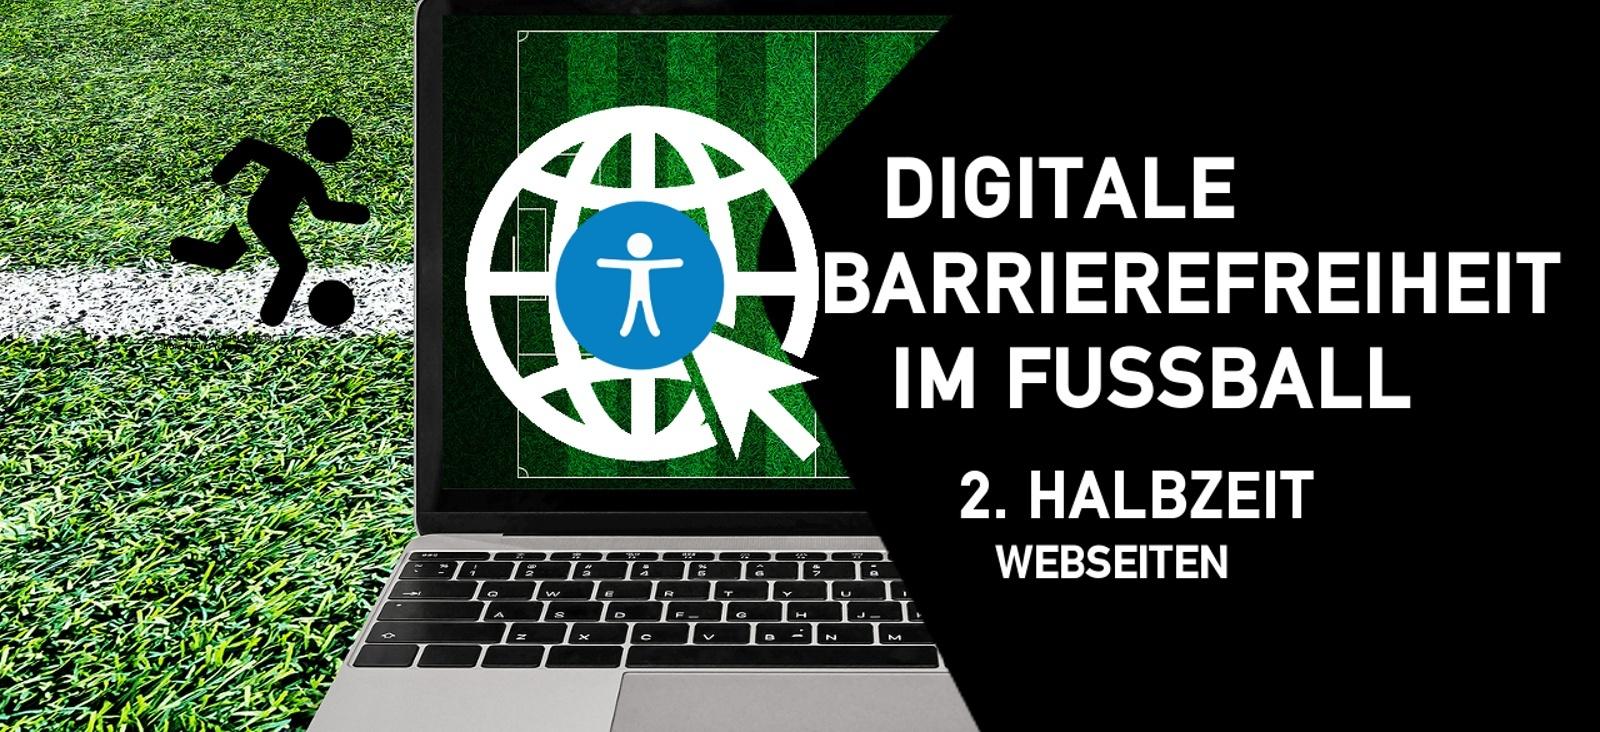 Laptop mit grünem Fußballrasen im Hintergrund. Davor ein schwarzes Fünfeck und das blaue Symbol für digitale Barrierefreiheit und dem Titel der Veranstaltung